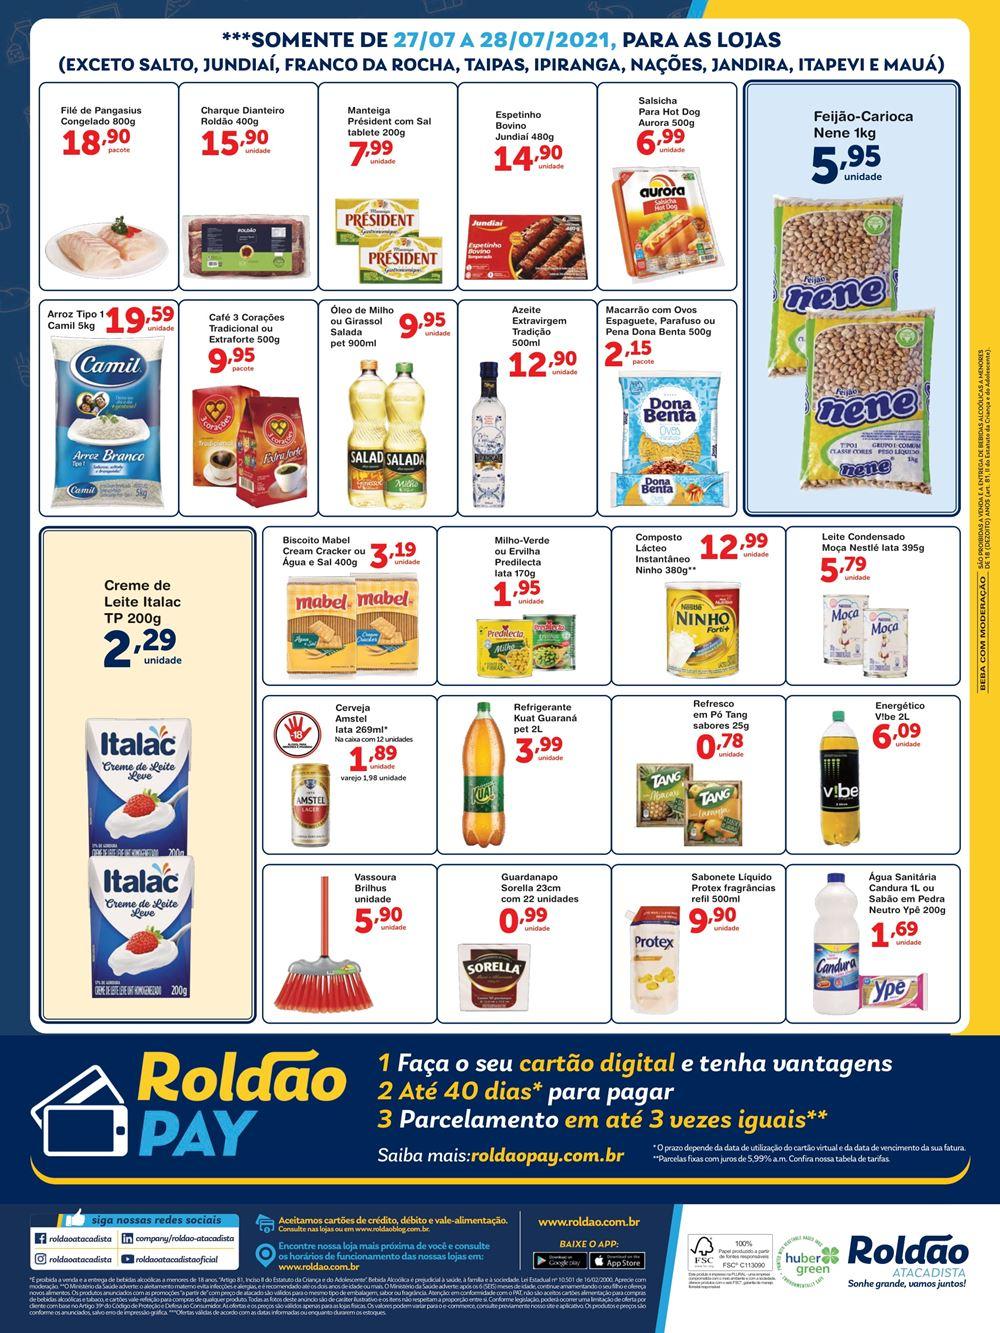 roldao-ofertas-descontos-hoje2-13 Feirão do Roldão Atacadista confira ofertas até 28/07/2021